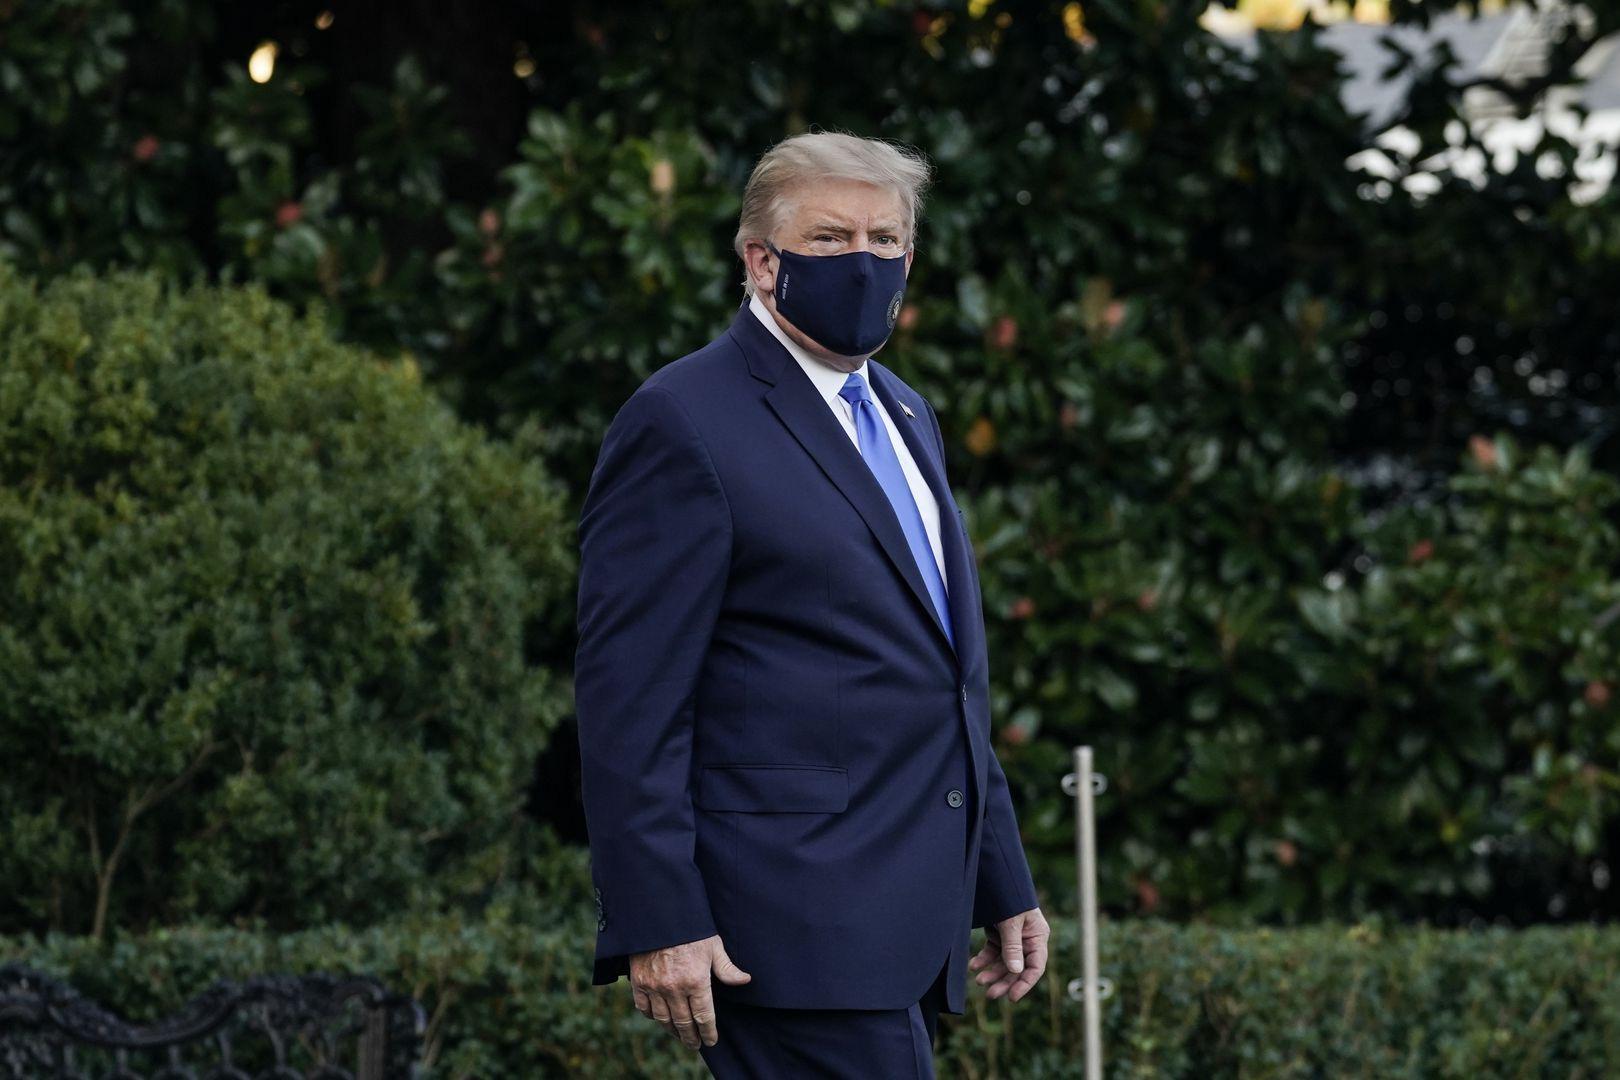 Tình hình sức khỏe ông Trump hiện ra sao?